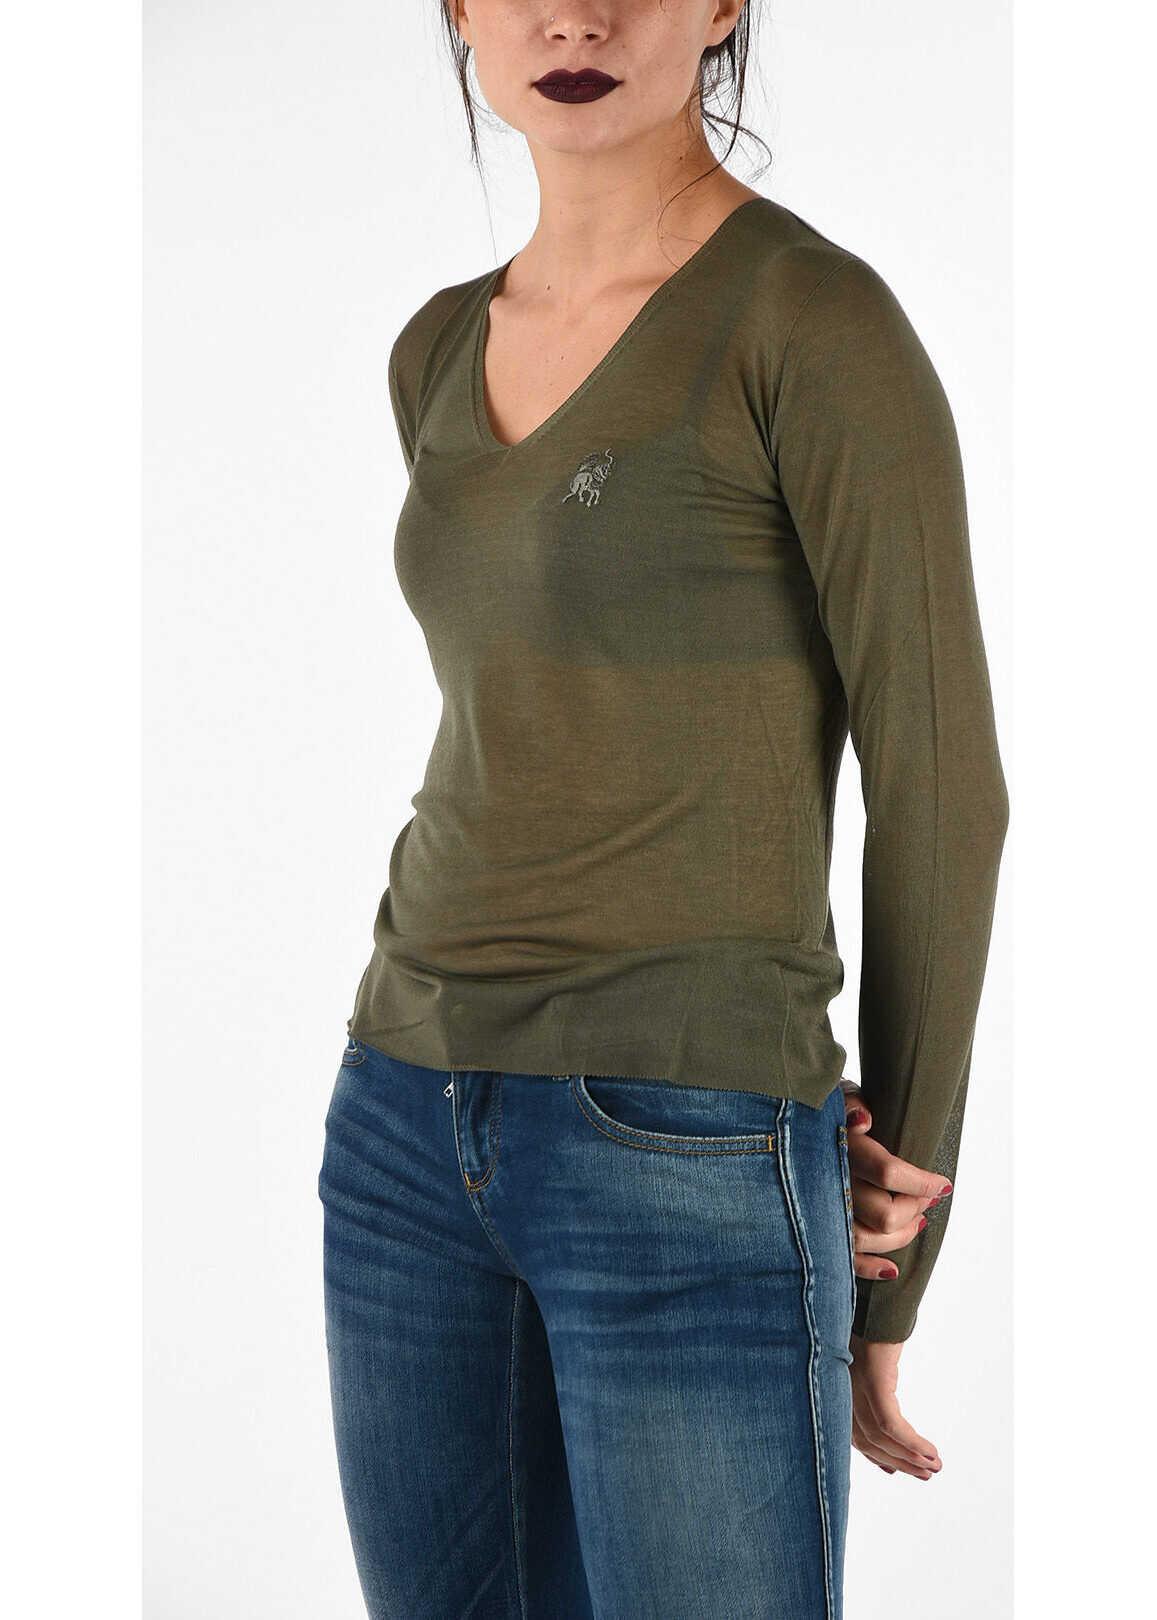 Armani EMPORIO V-neck Sweater GREEN